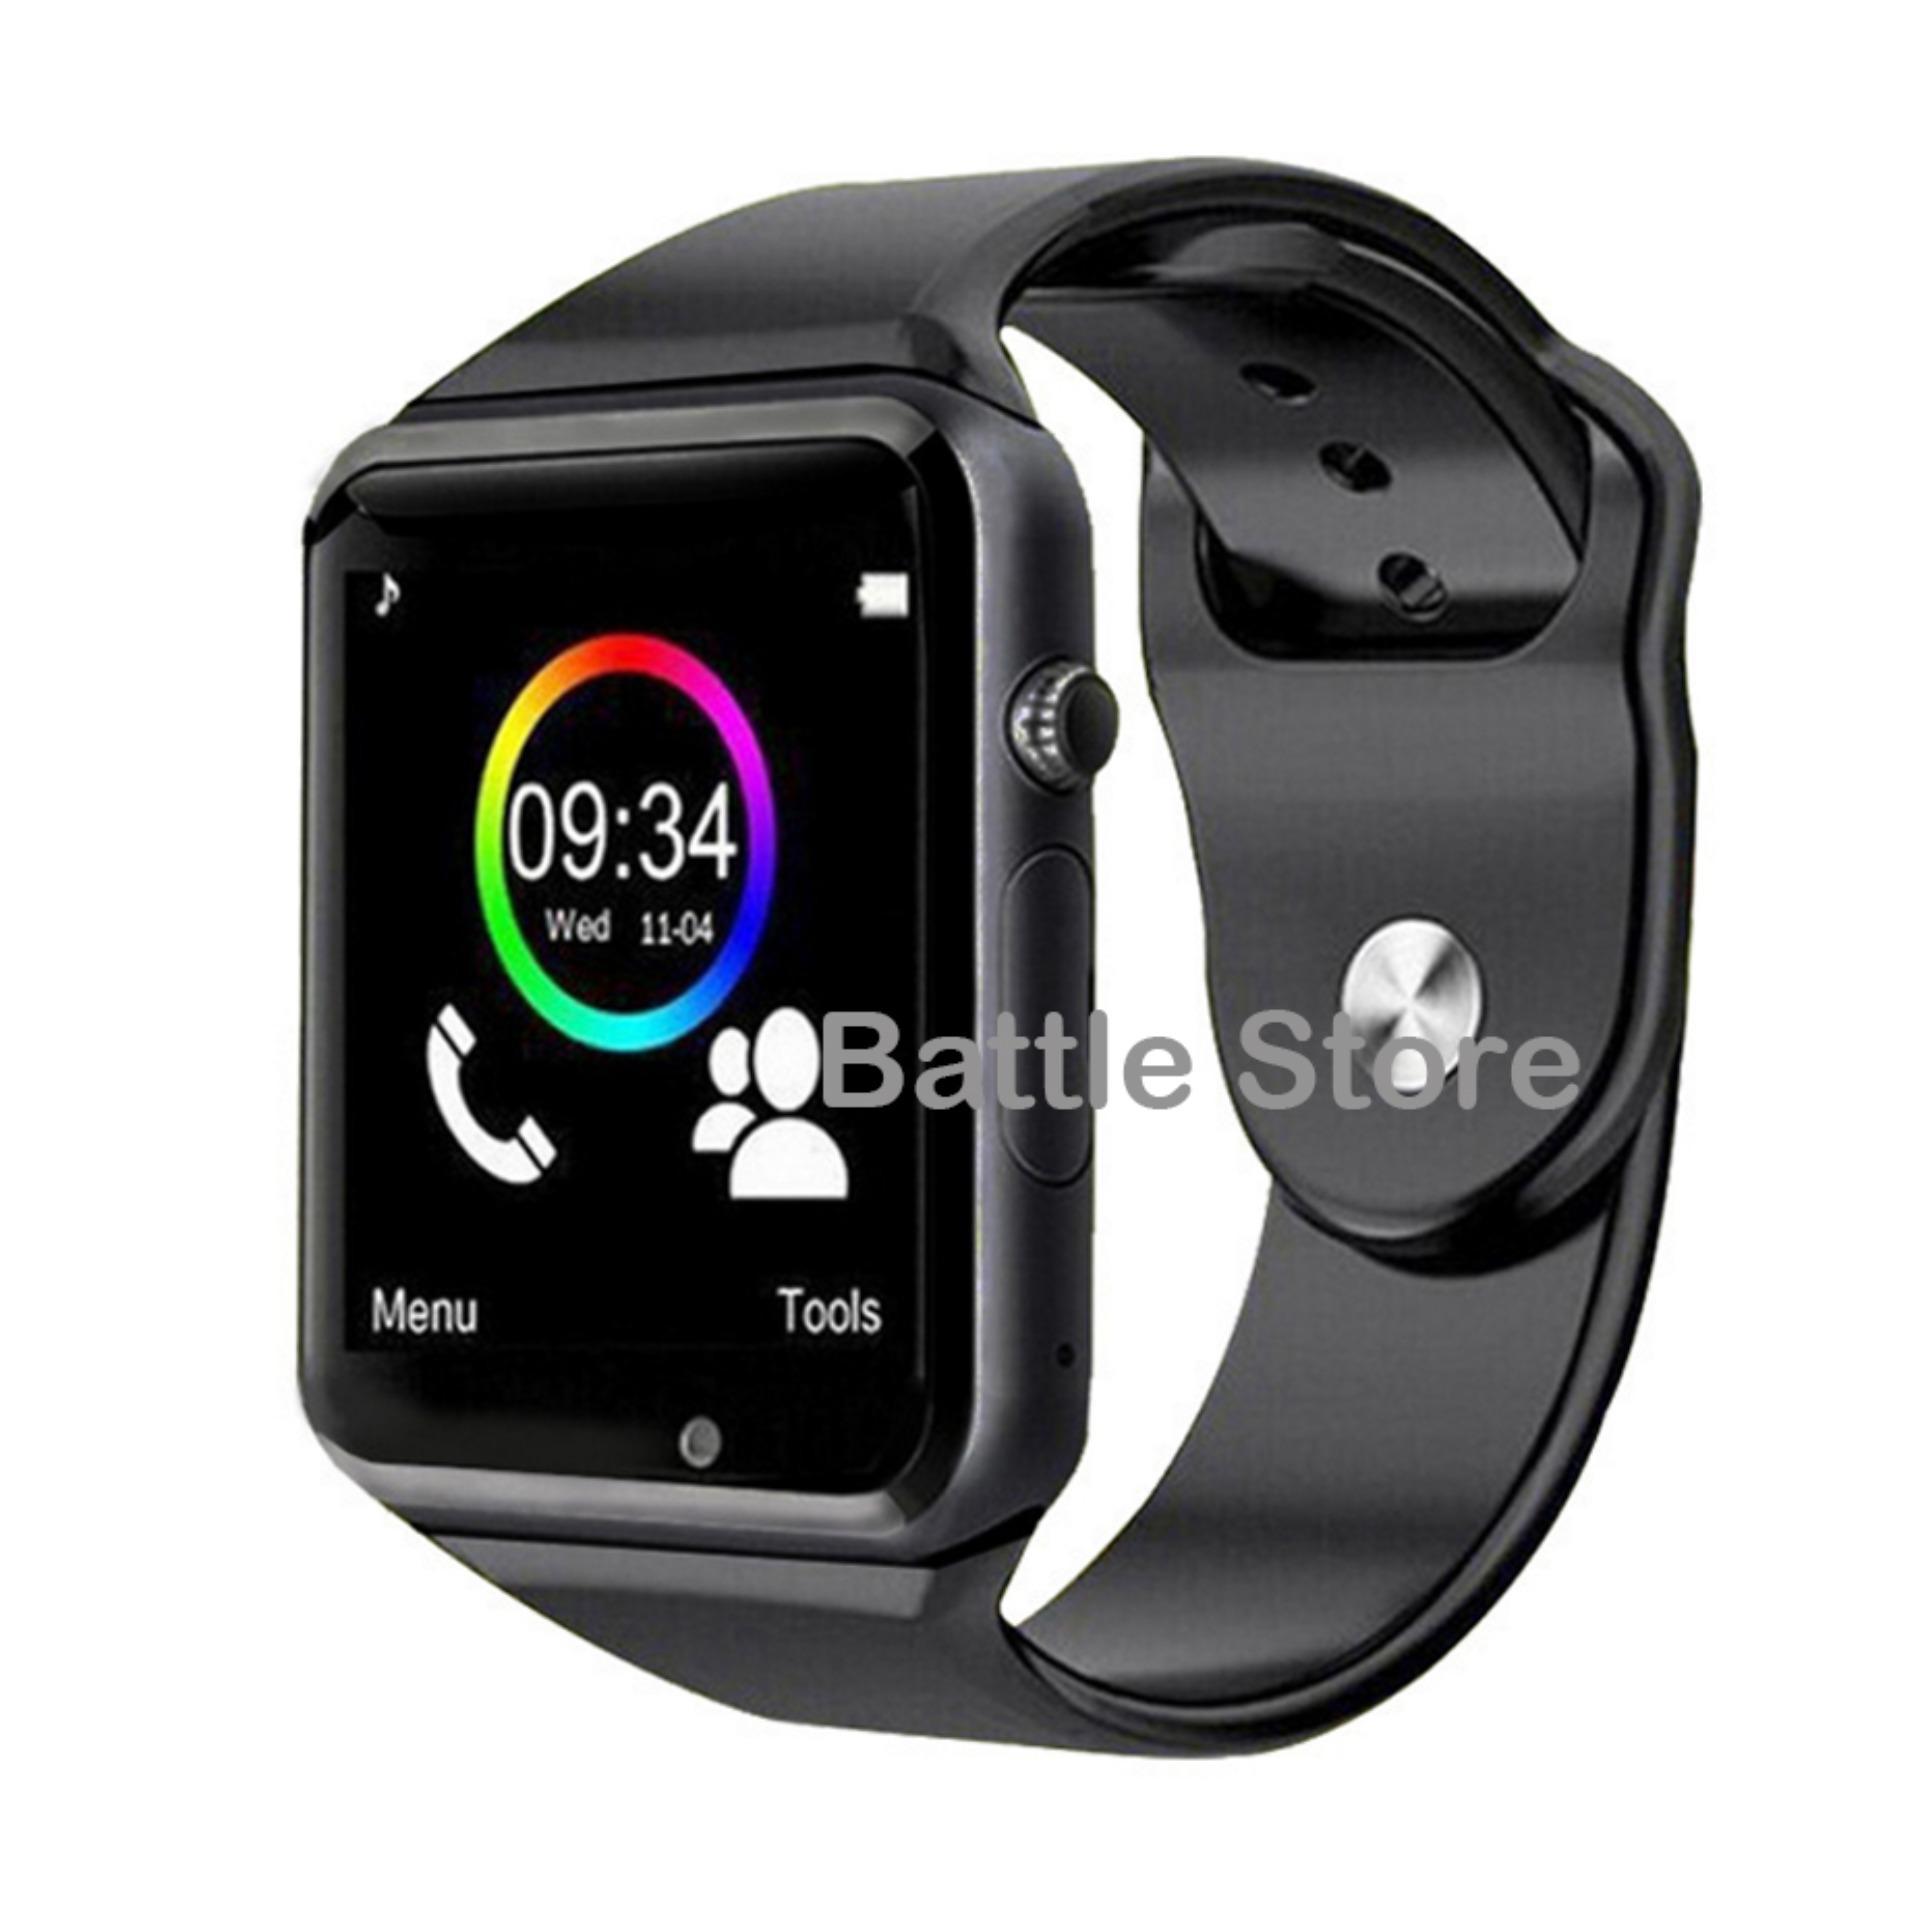 Jam Tangan LED - Jam Tangan Pria dan Wanita - Strap Karet - Mirip Apple  Watch e138d6e633